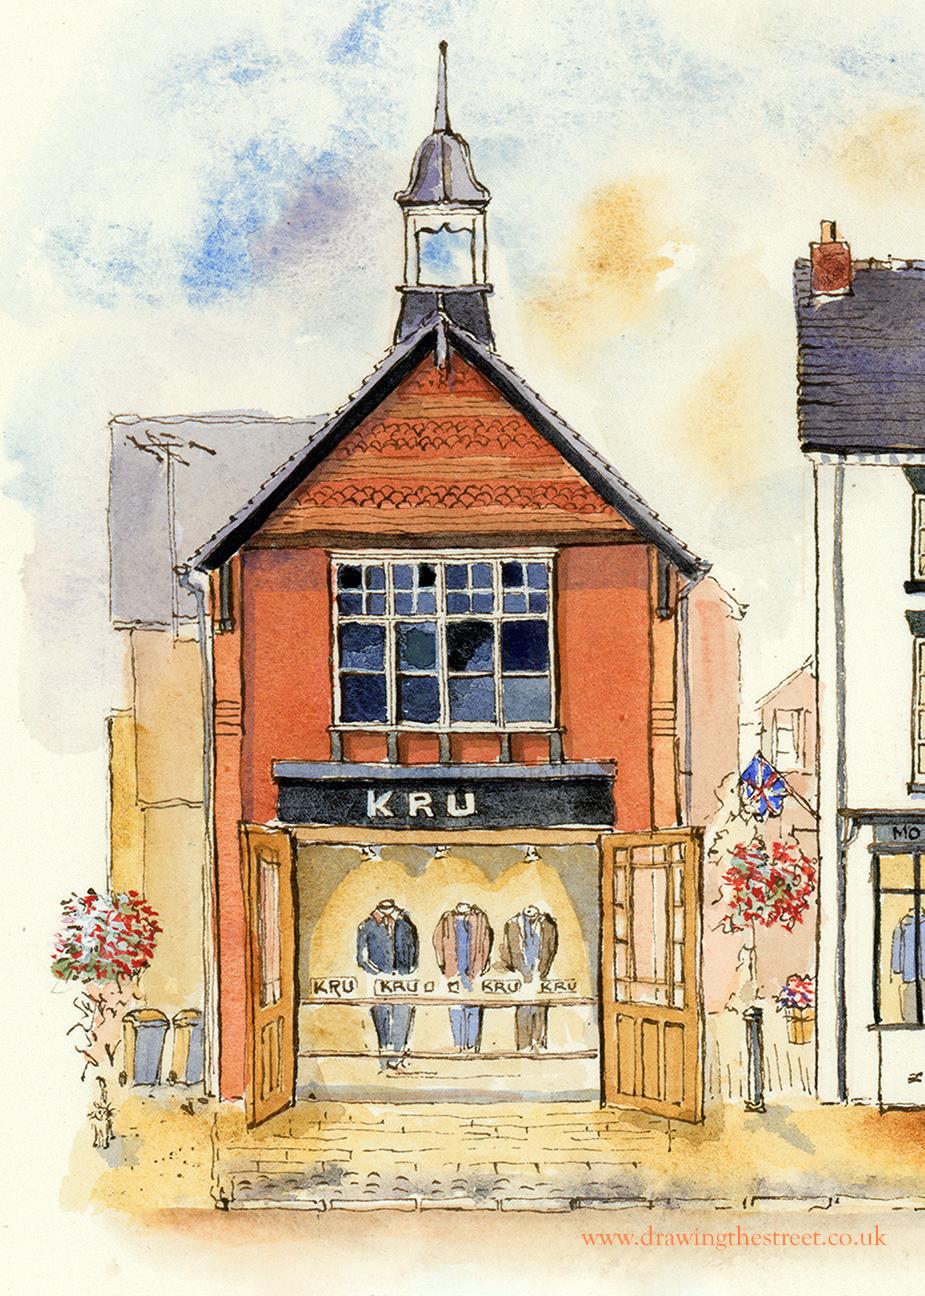 Kru mens clothing eccleshall staffordshire artwork by ronnie cruwys